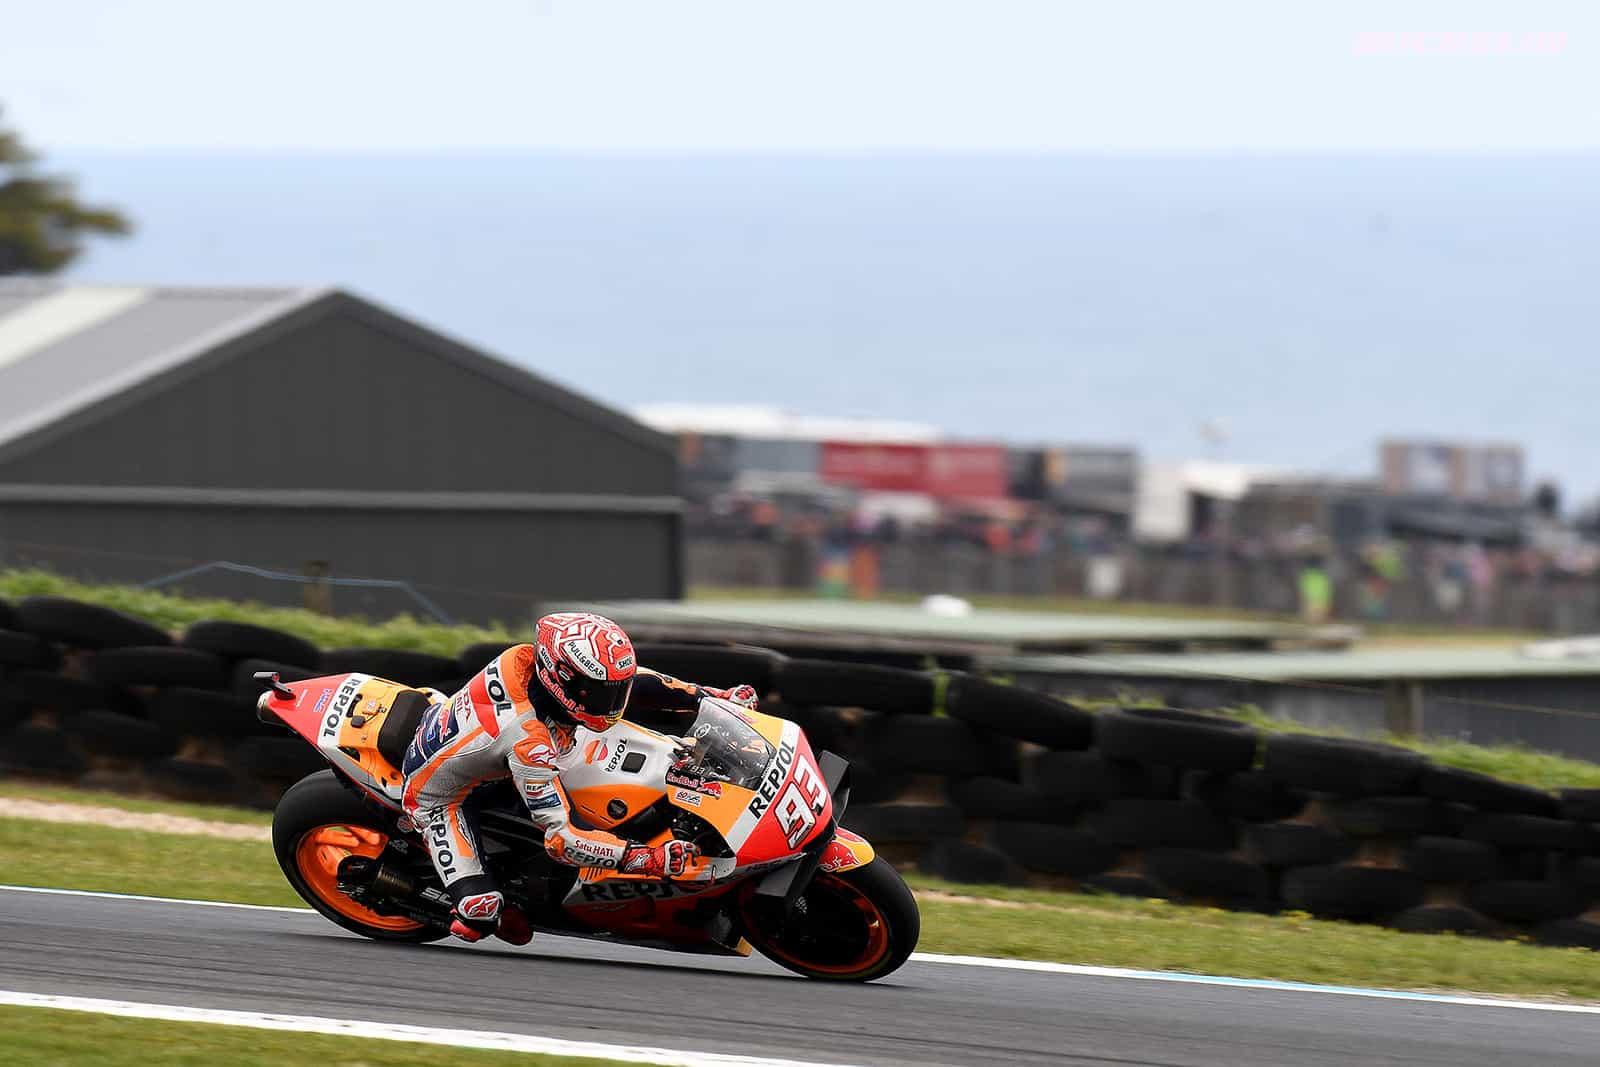 MotoGP2019マレーシアGP マルケス「ヤマハ、Ducatiが速いだろうが優勝を狙う」